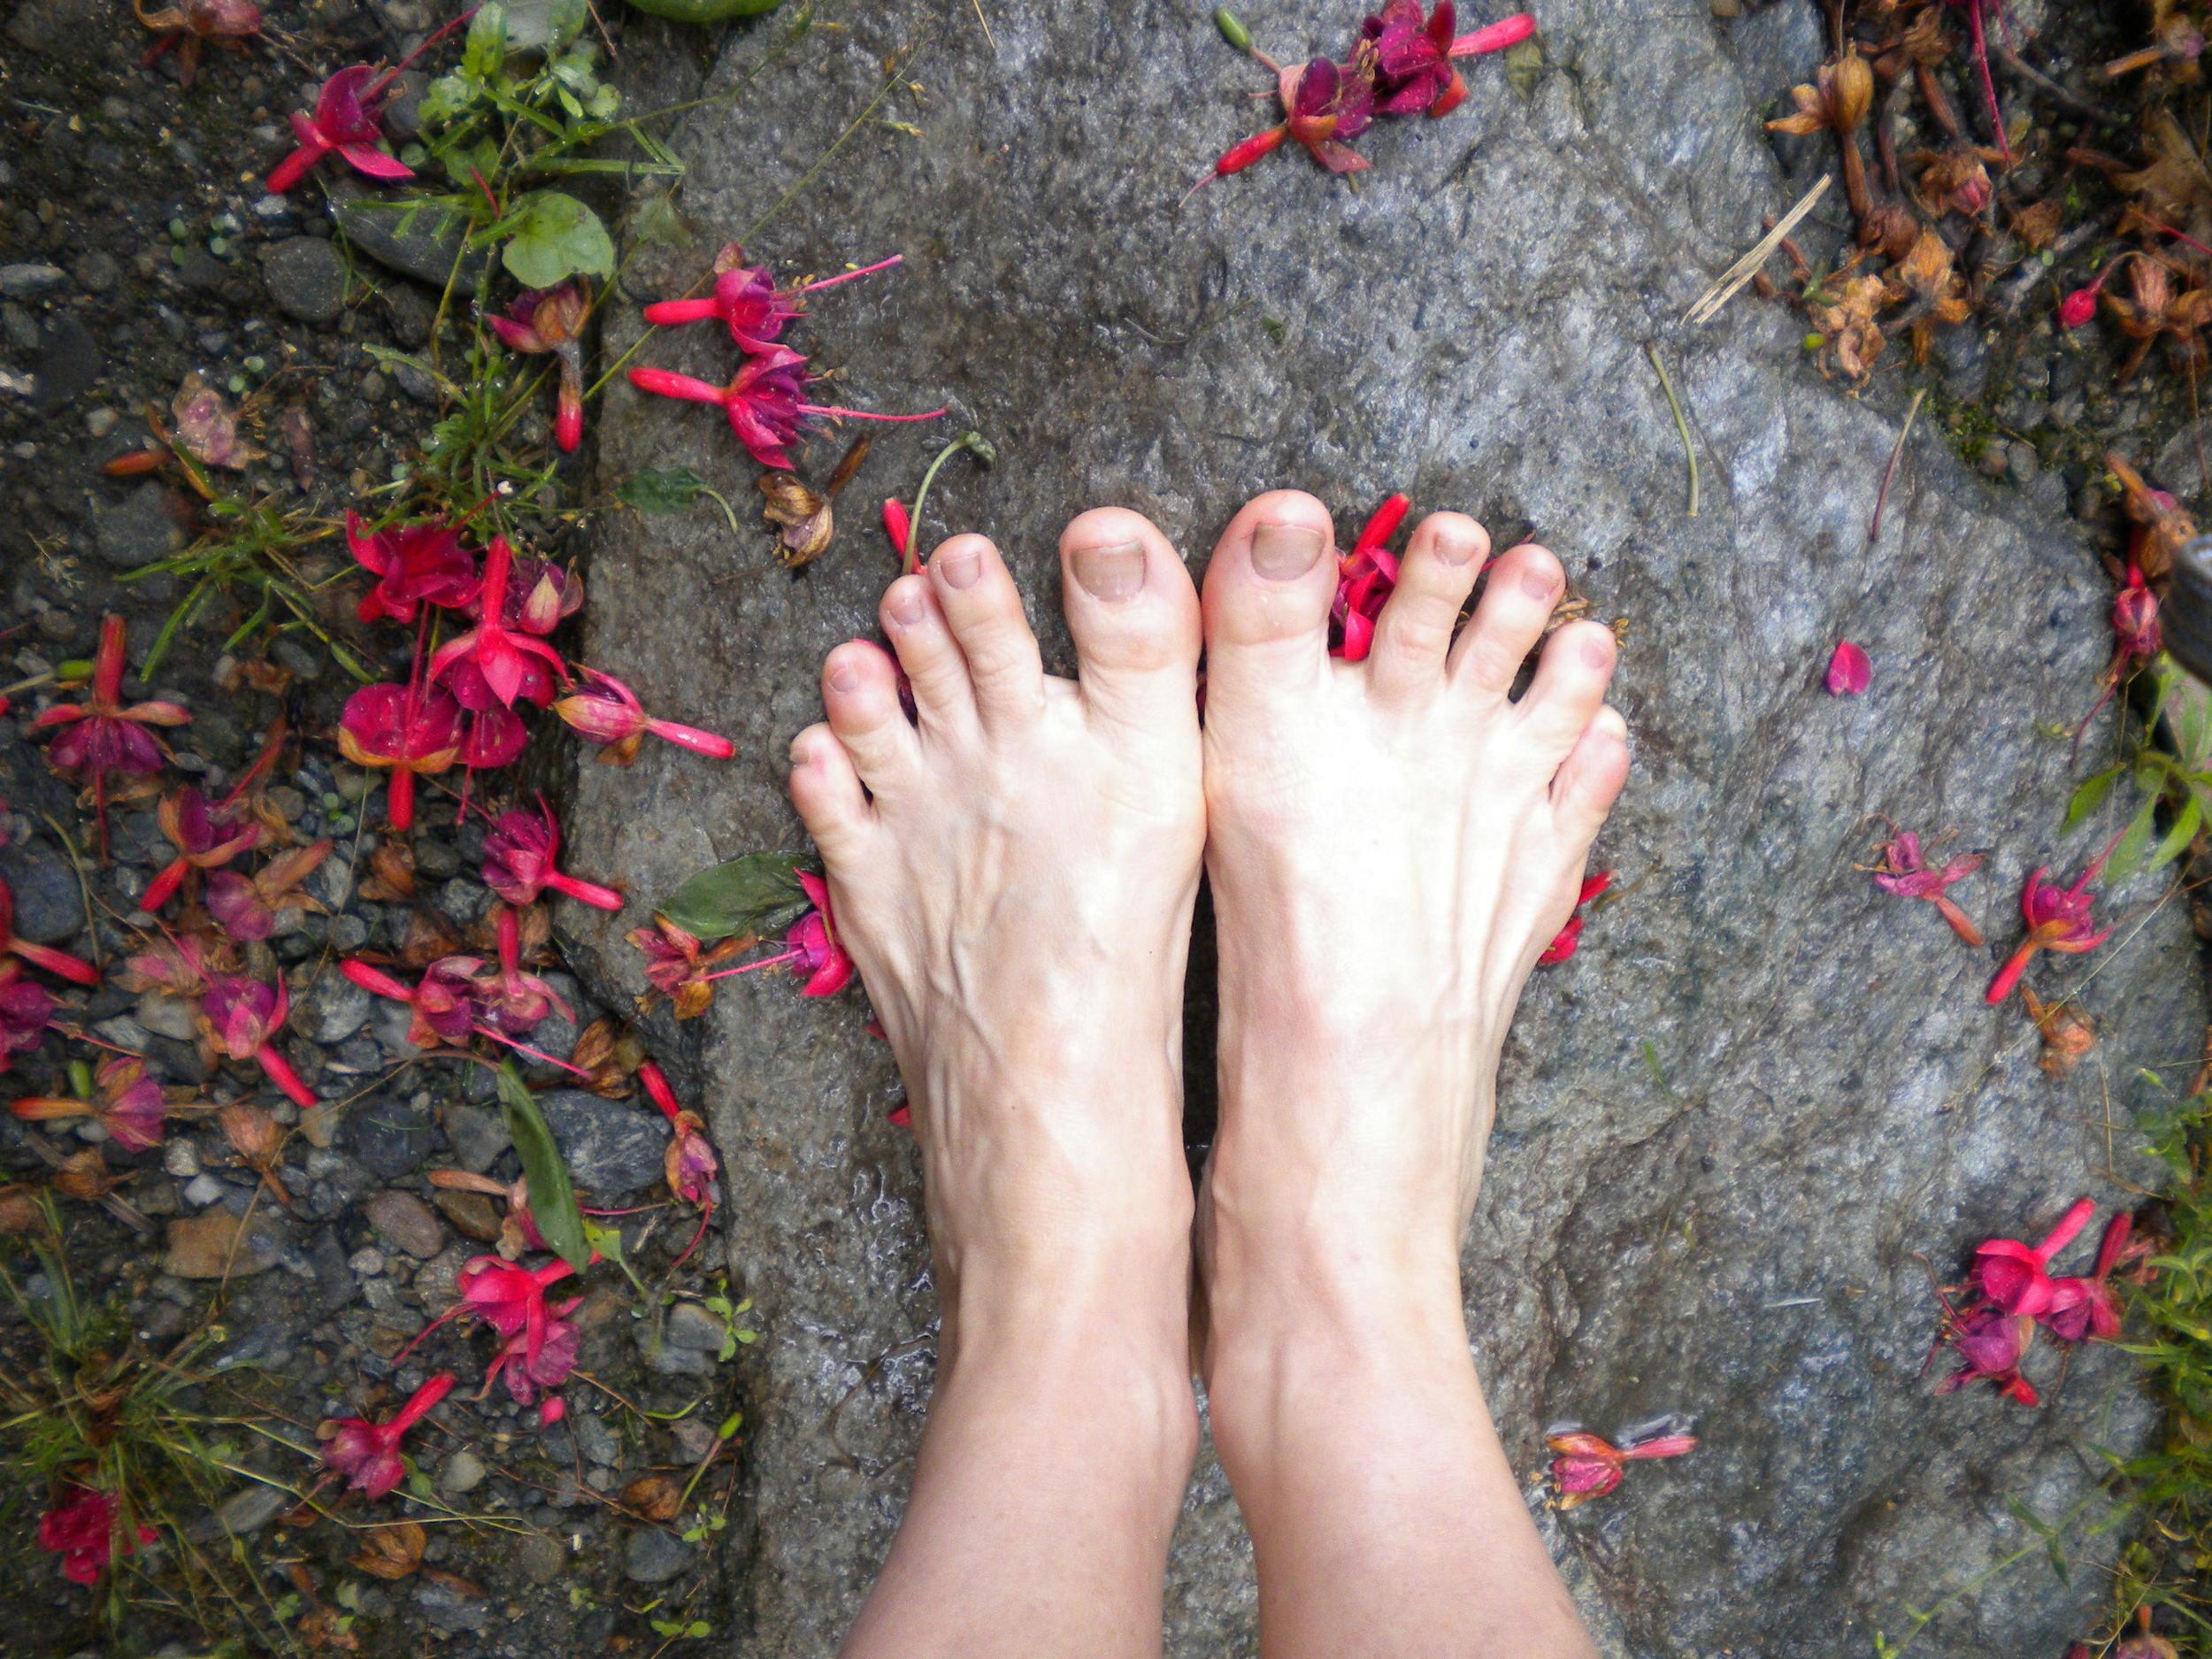 feet and fuchsia